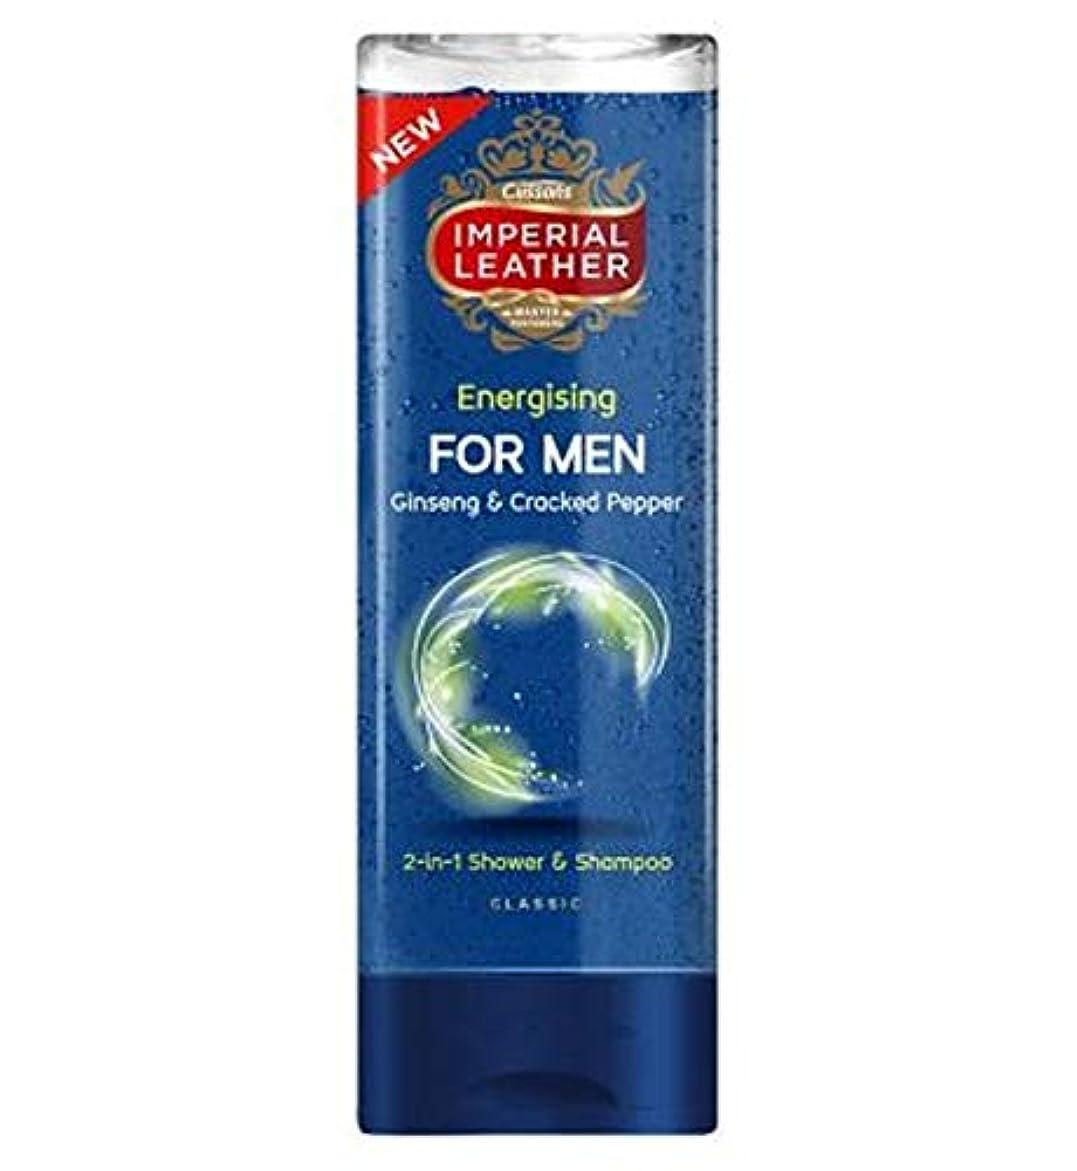 航空促進する留め金[Imperial Leather] 男性用シャワー250ミリリットルのための帝国革 - Imperial Leather For Men Shower 250ml [並行輸入品]